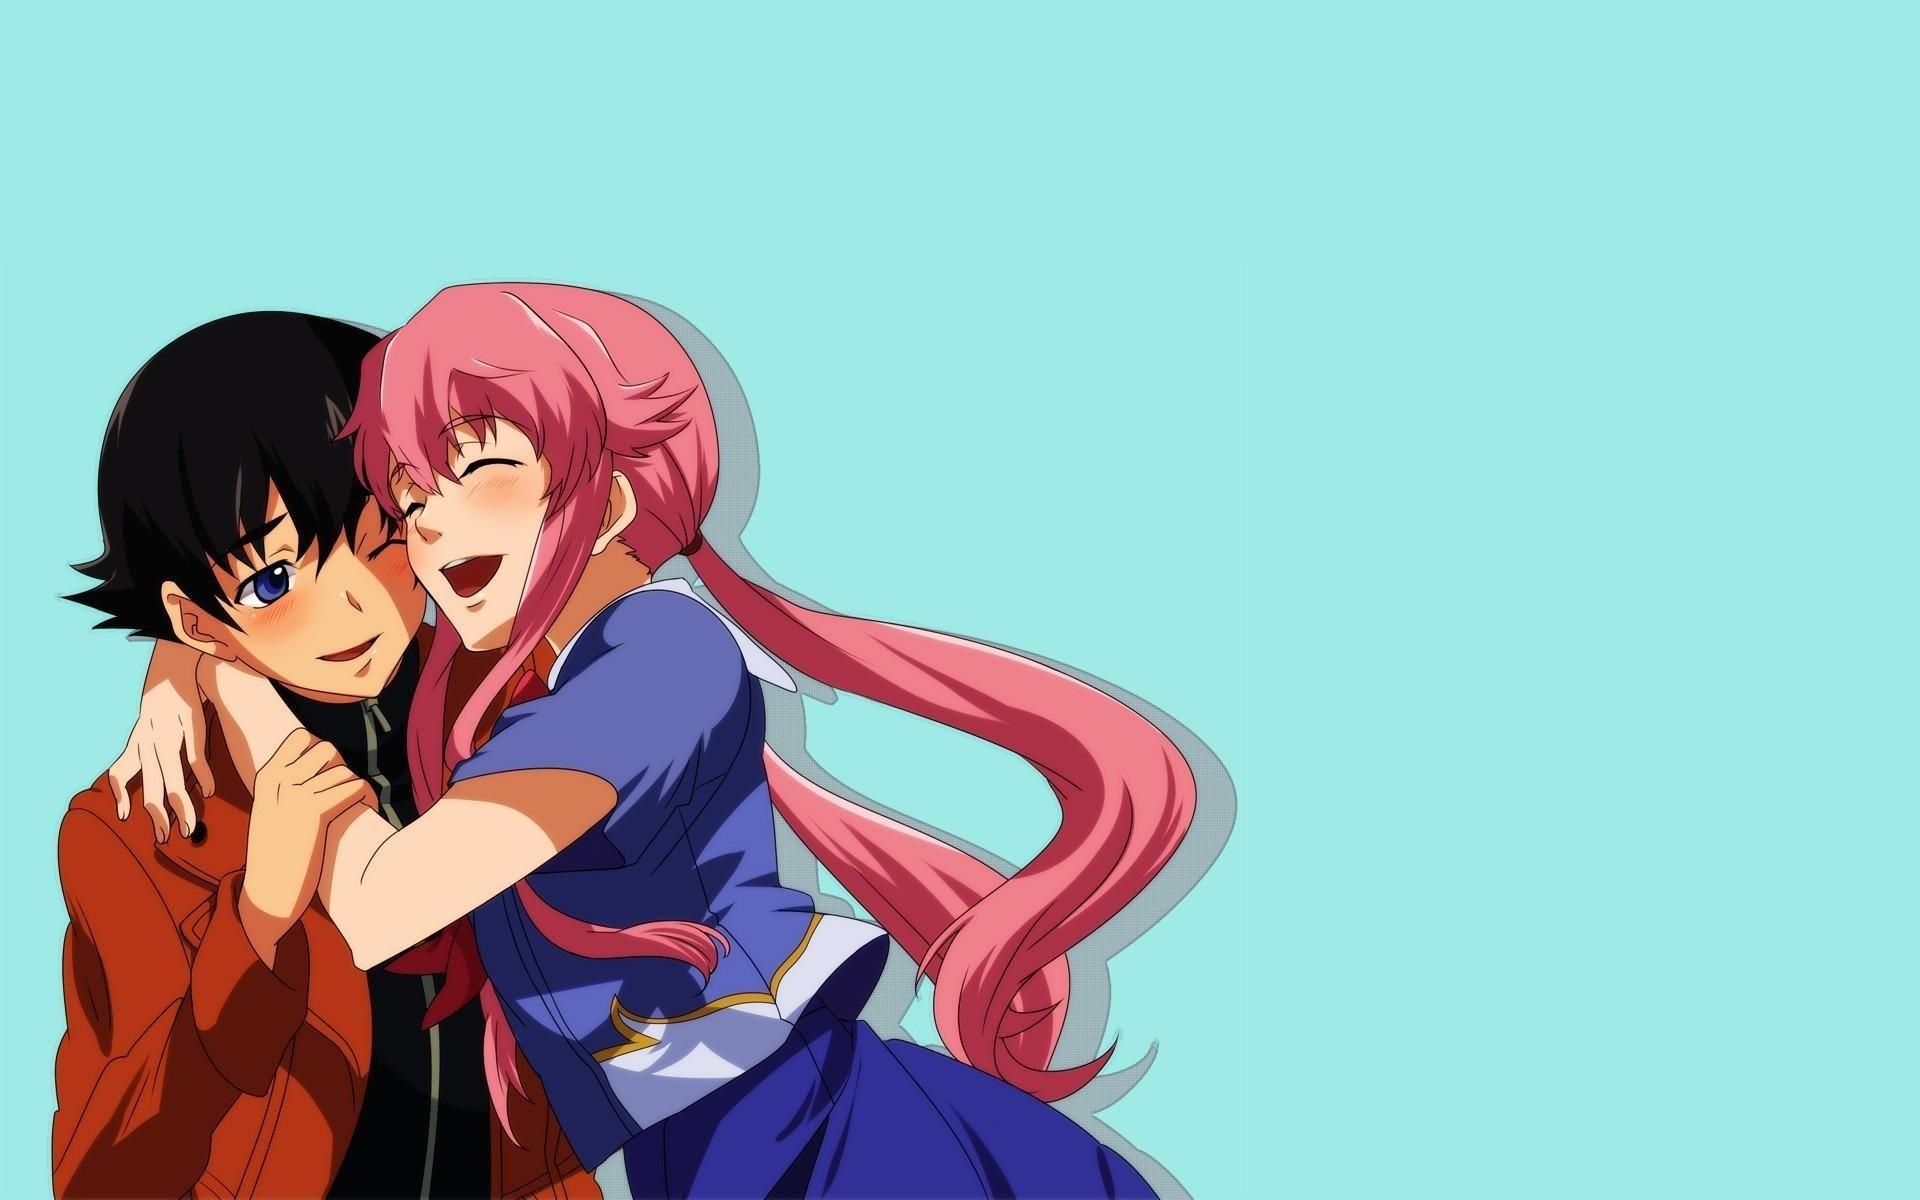 yandere anime girls mirai - photo #11